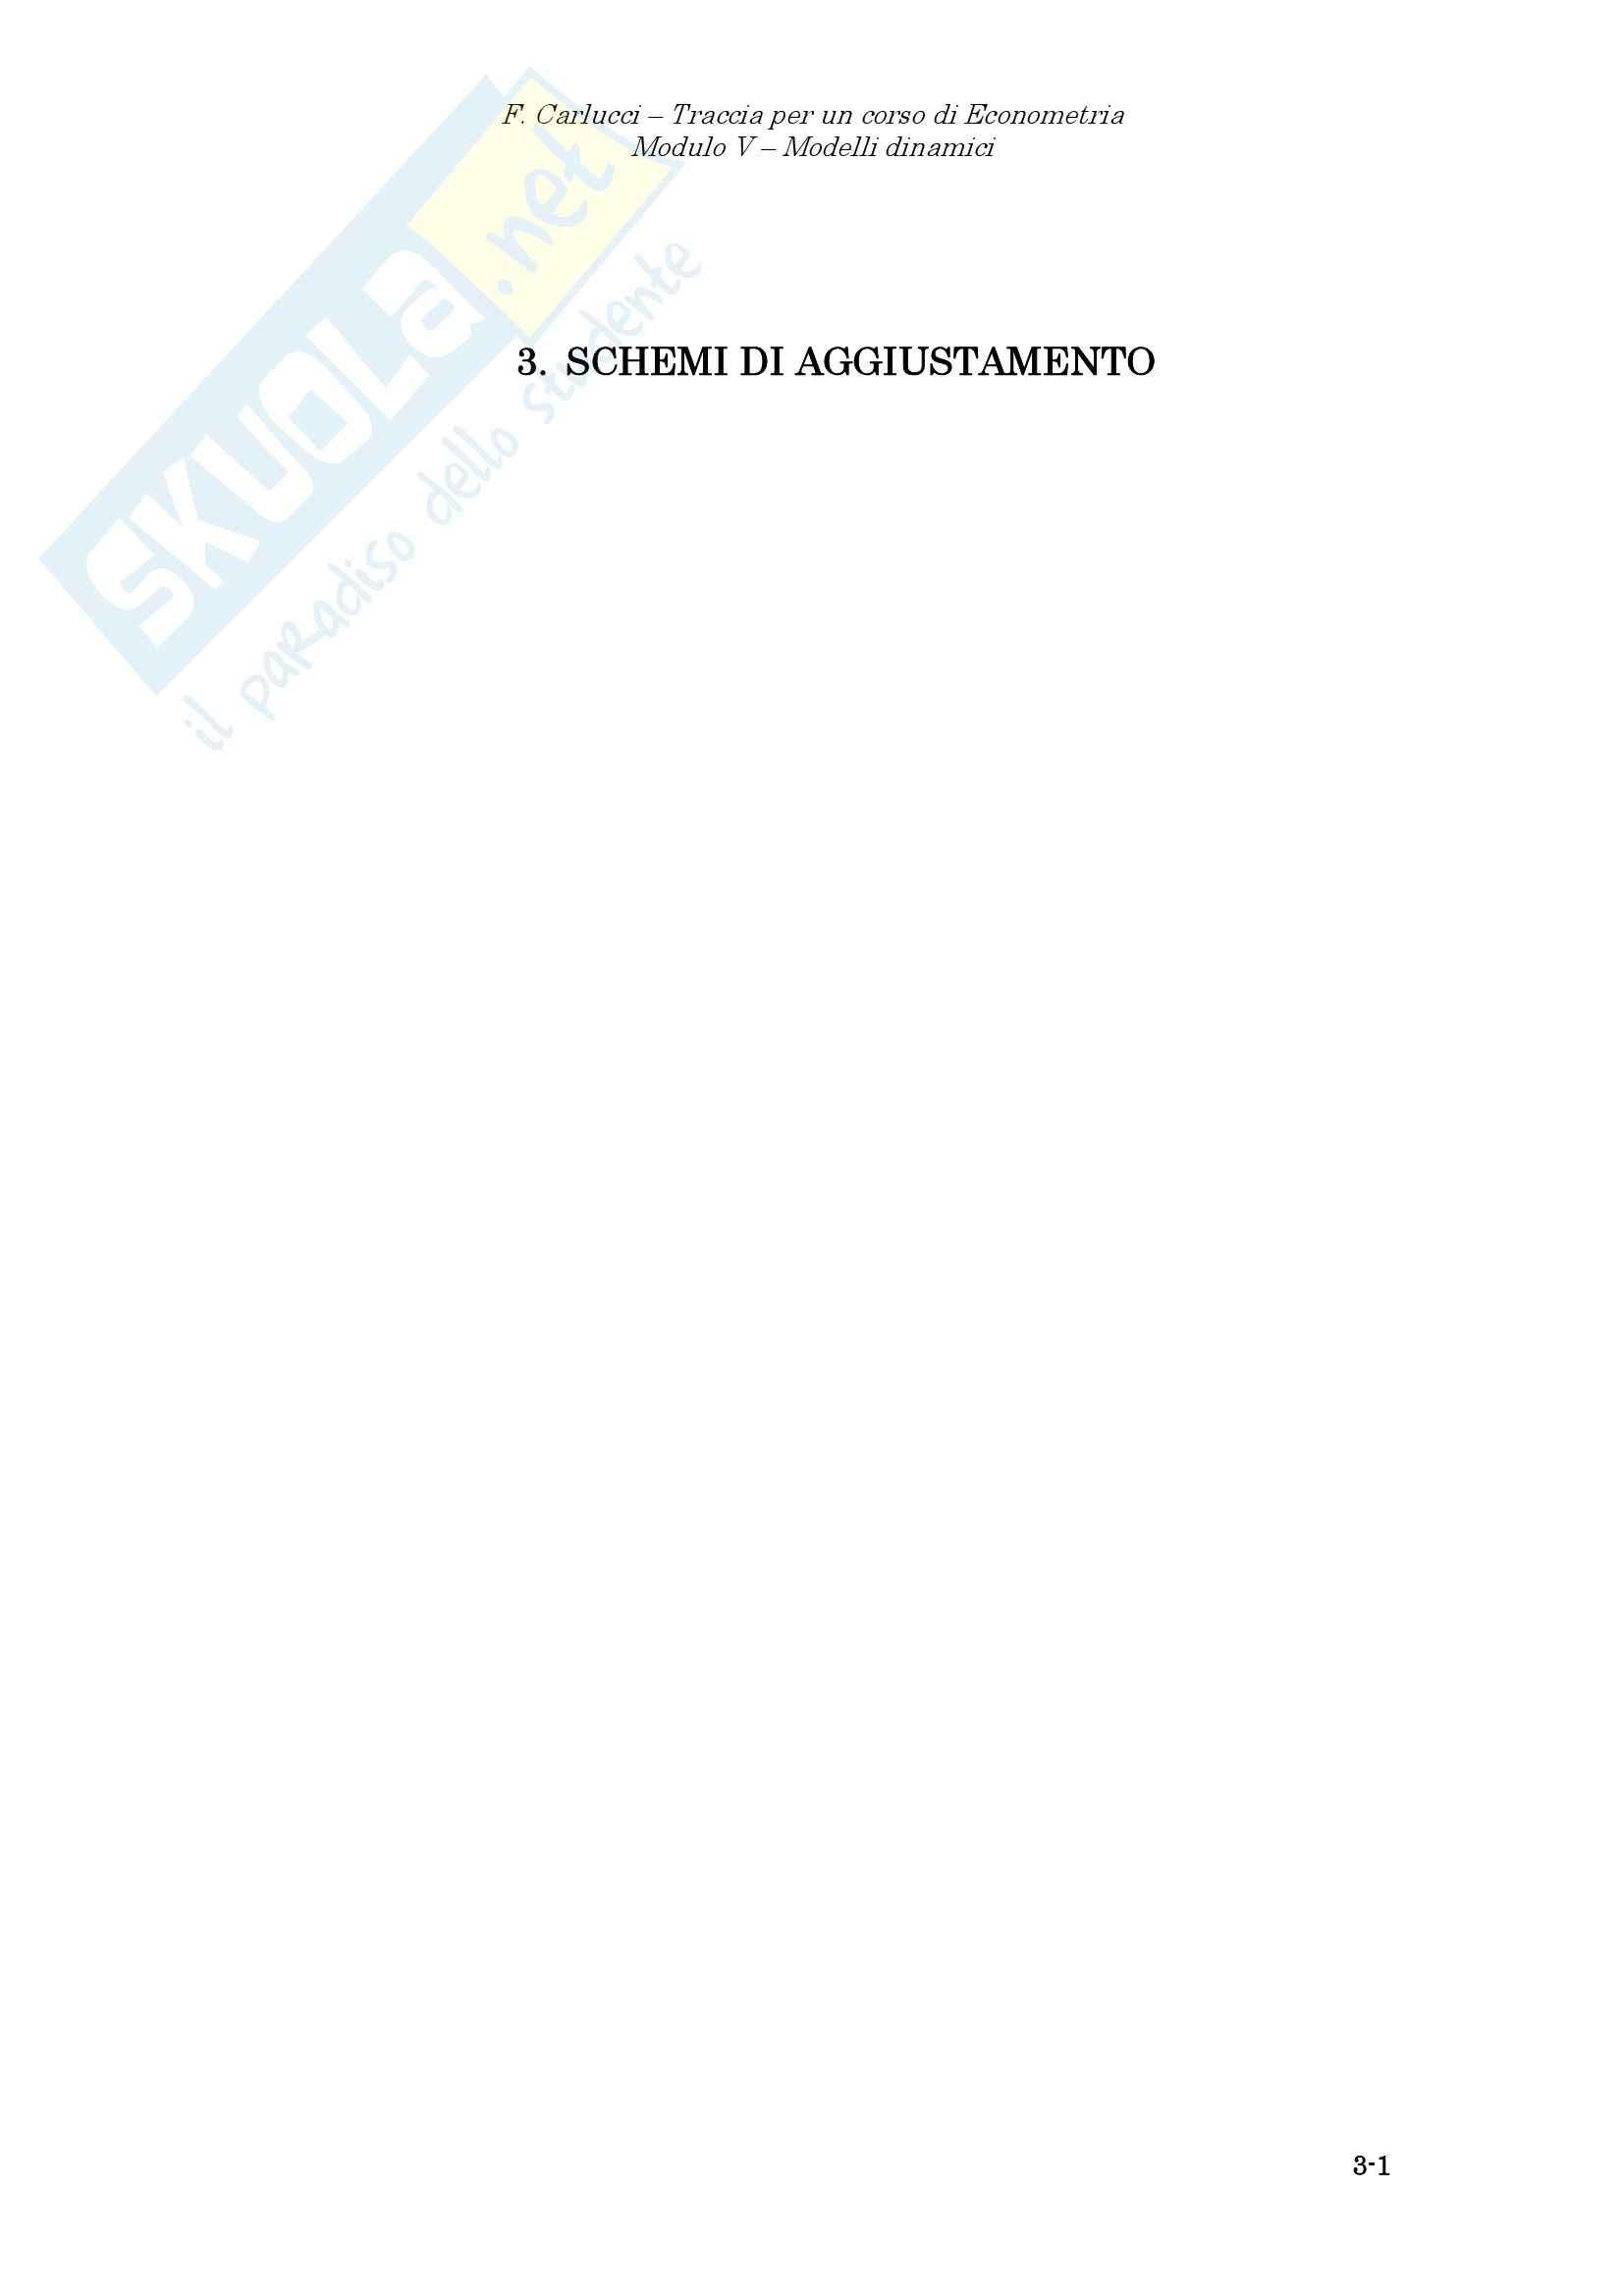 Econometria - gli schemi di aggiustamento